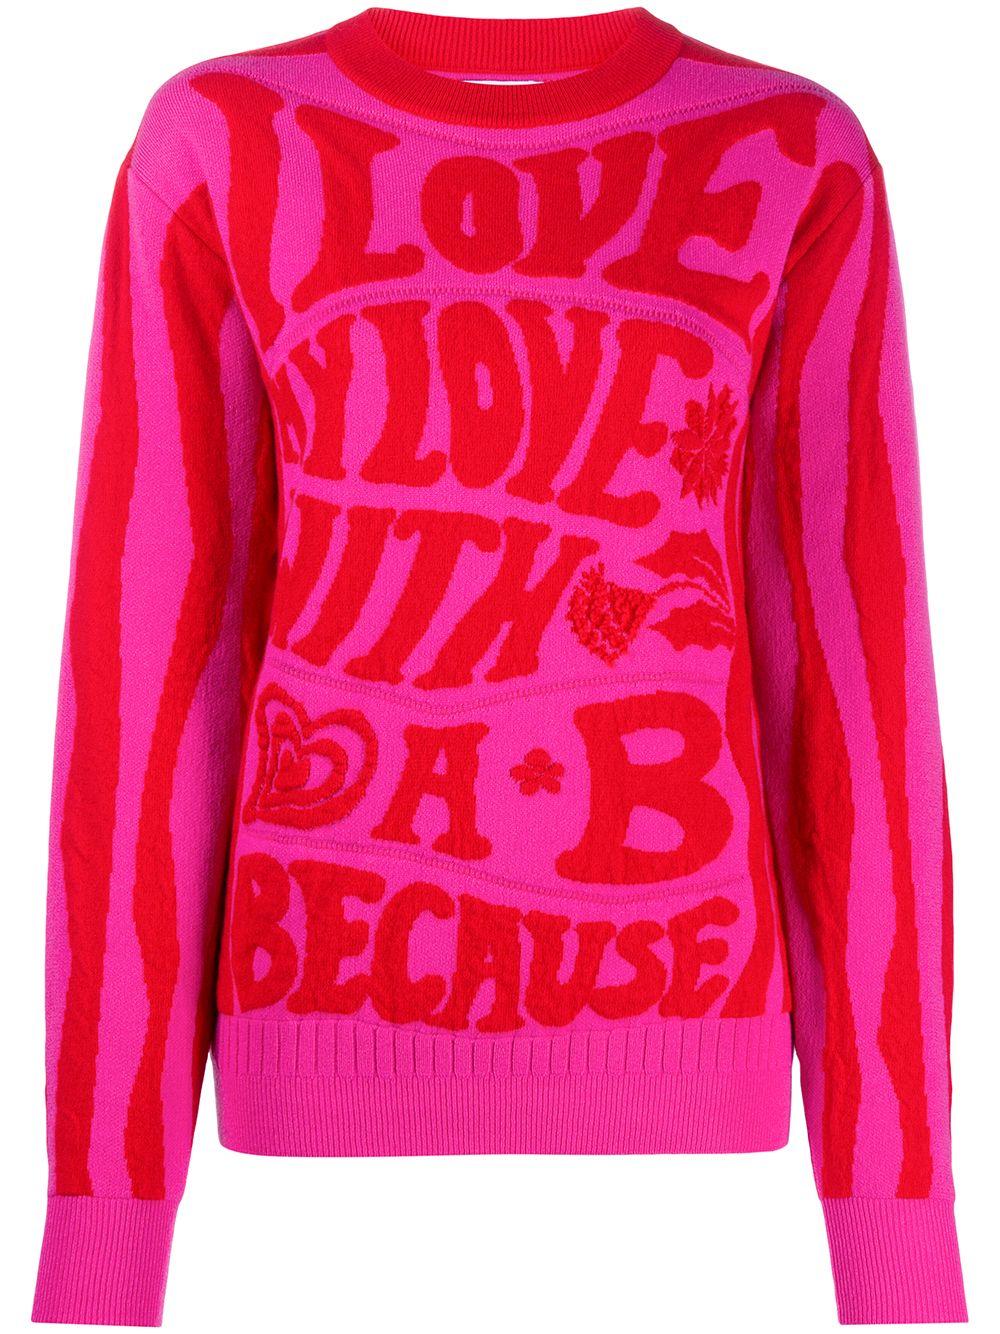 Barrie 'Love Wonderland' Pullover mit rundem Ausschnitt - Rot